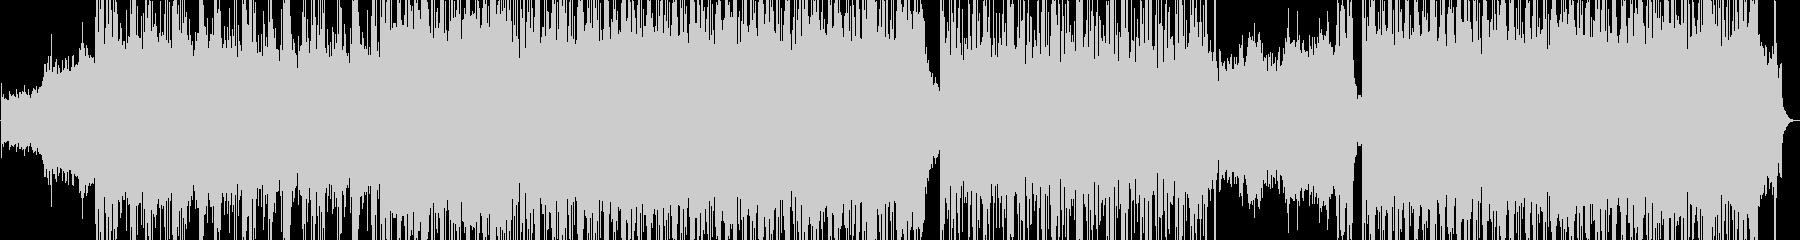 アップテンポで激しいデジタルロックの未再生の波形